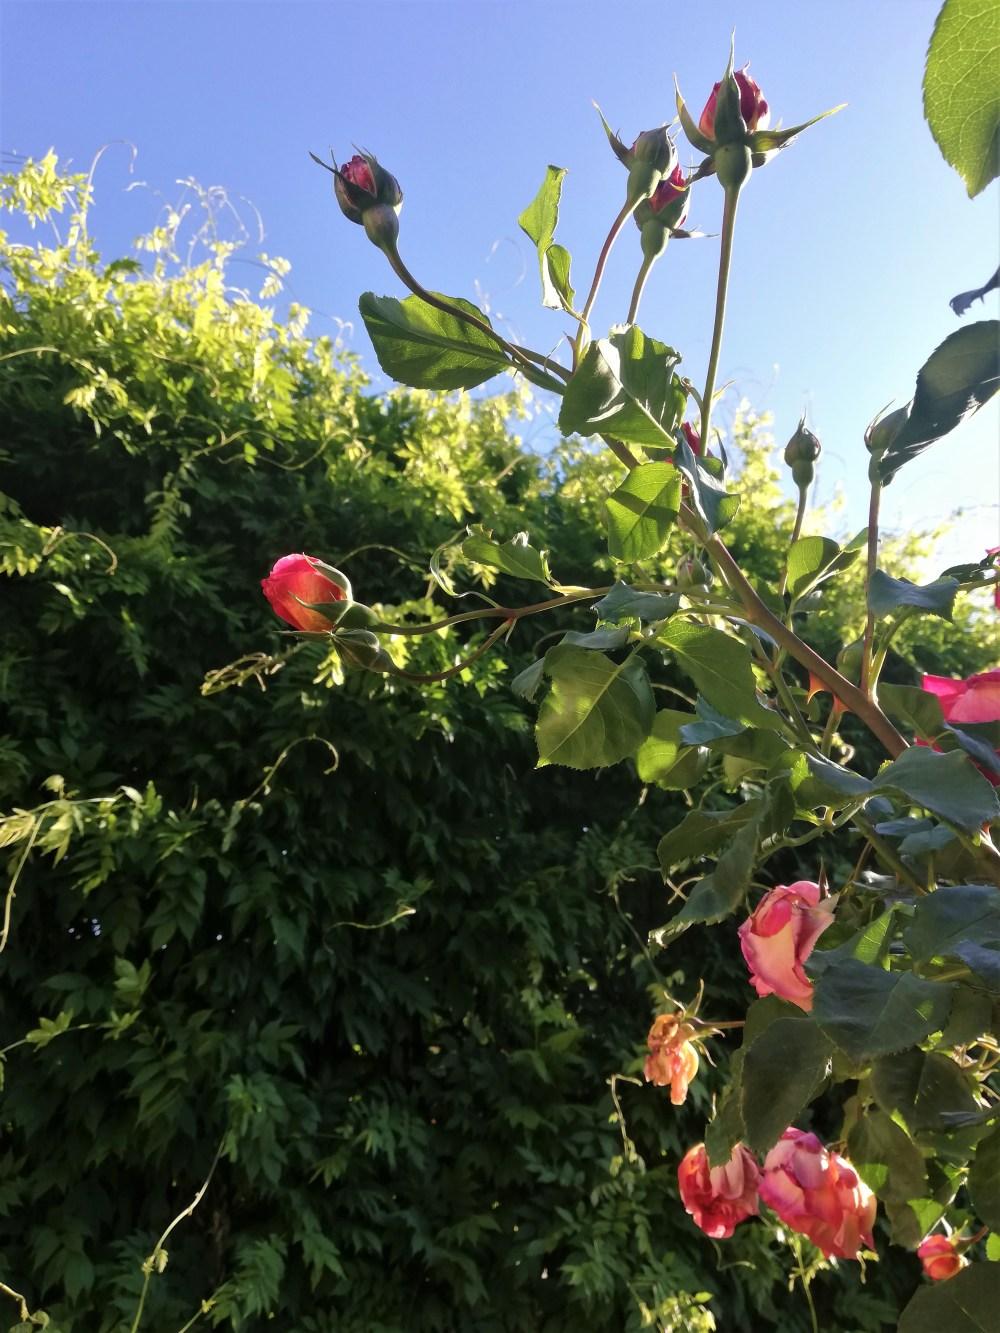 Rote Rosen unter blauem Himmel © Silvia Springer